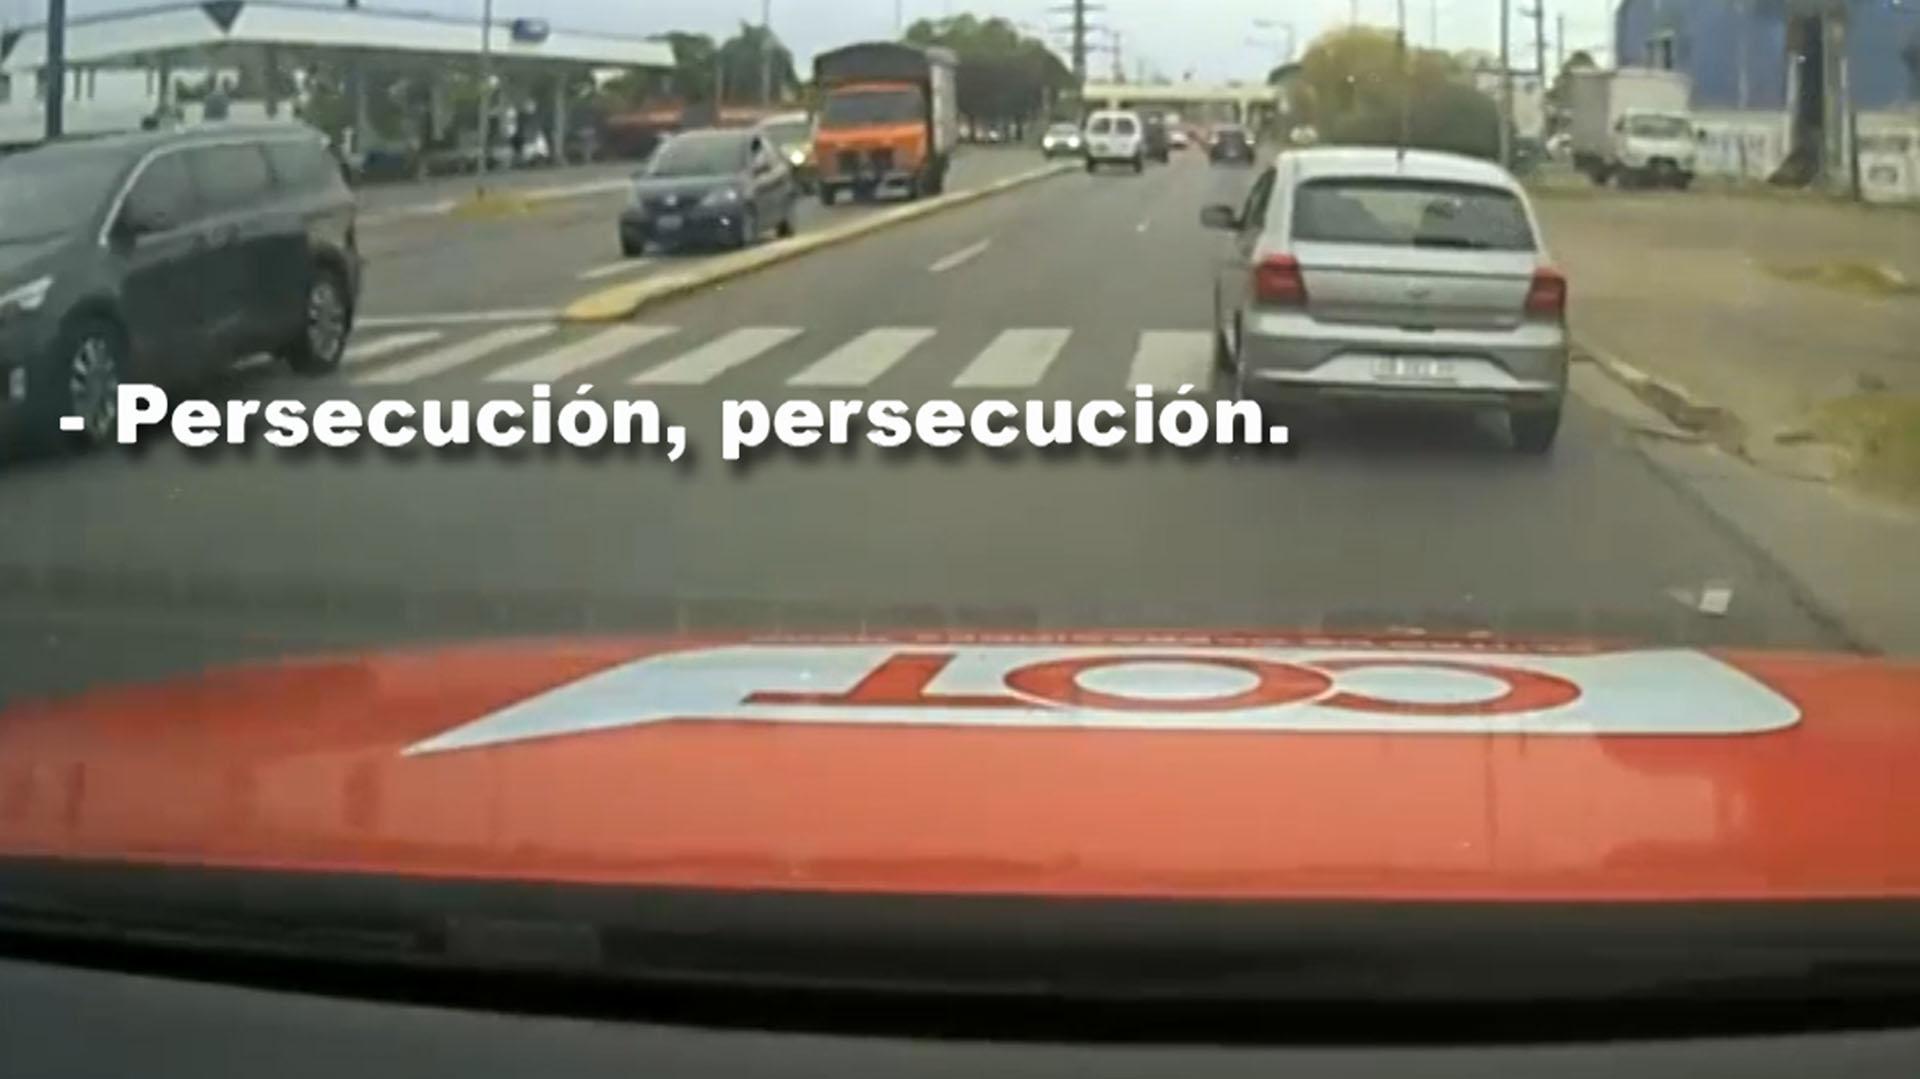 La policía inició la persecución luego que el vehículo no se detuviera tras la advertencia oficial